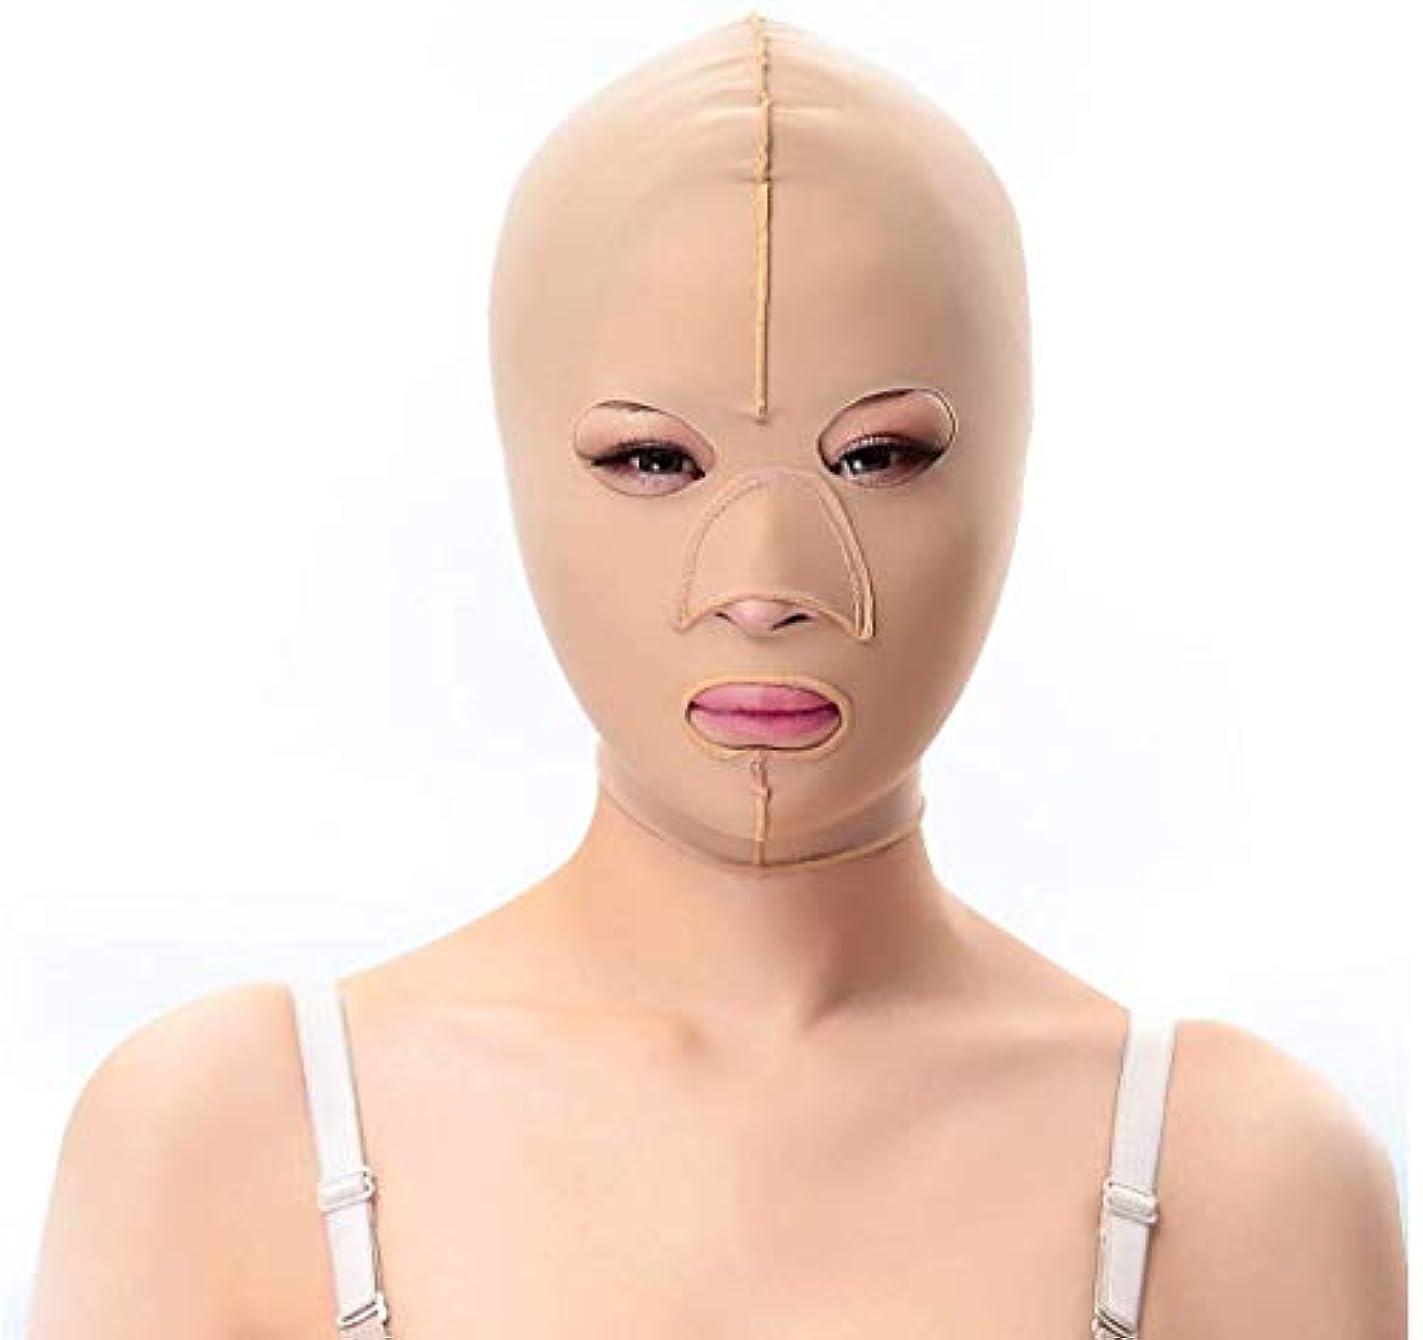 ログ漏斗バイソン美と実用的なSlim身ベルト、フェイシャルマスク薄い顔マスクを布パターンを持ち上げるダブルあご引き締め顔プラスチック顔アーティファクト強力な顔包帯(サイズ:XXL)